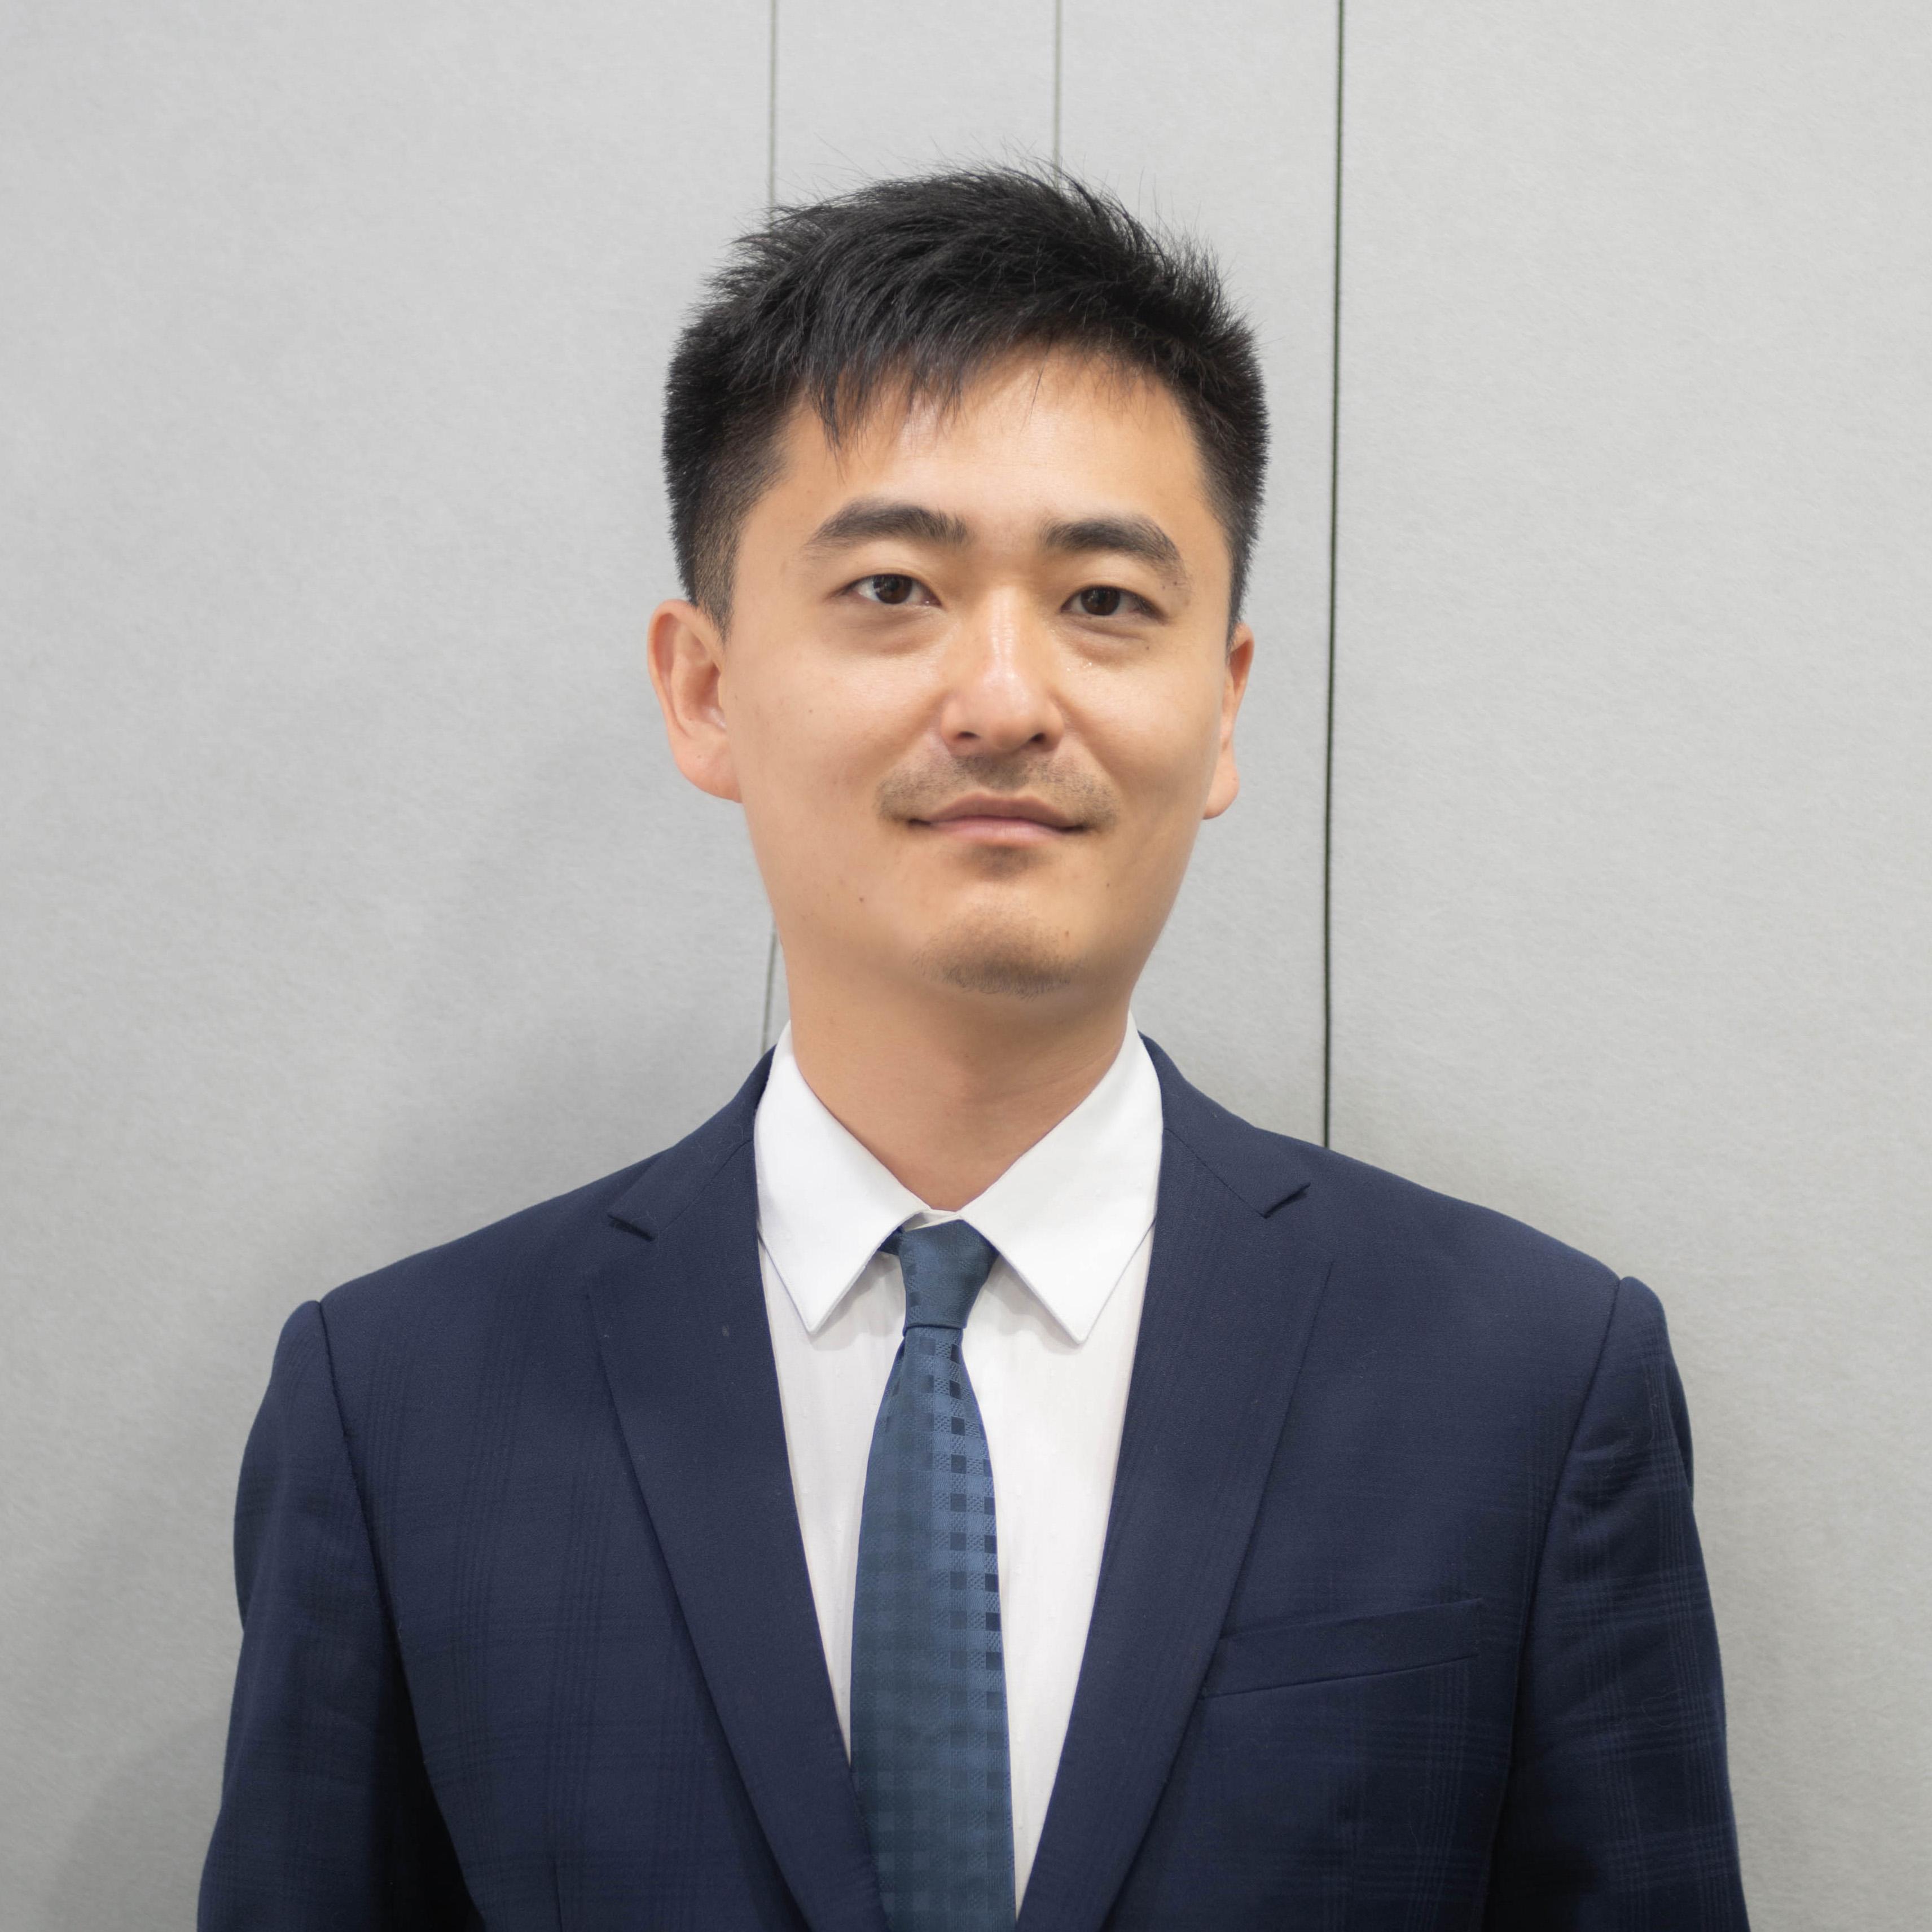 Teng Li